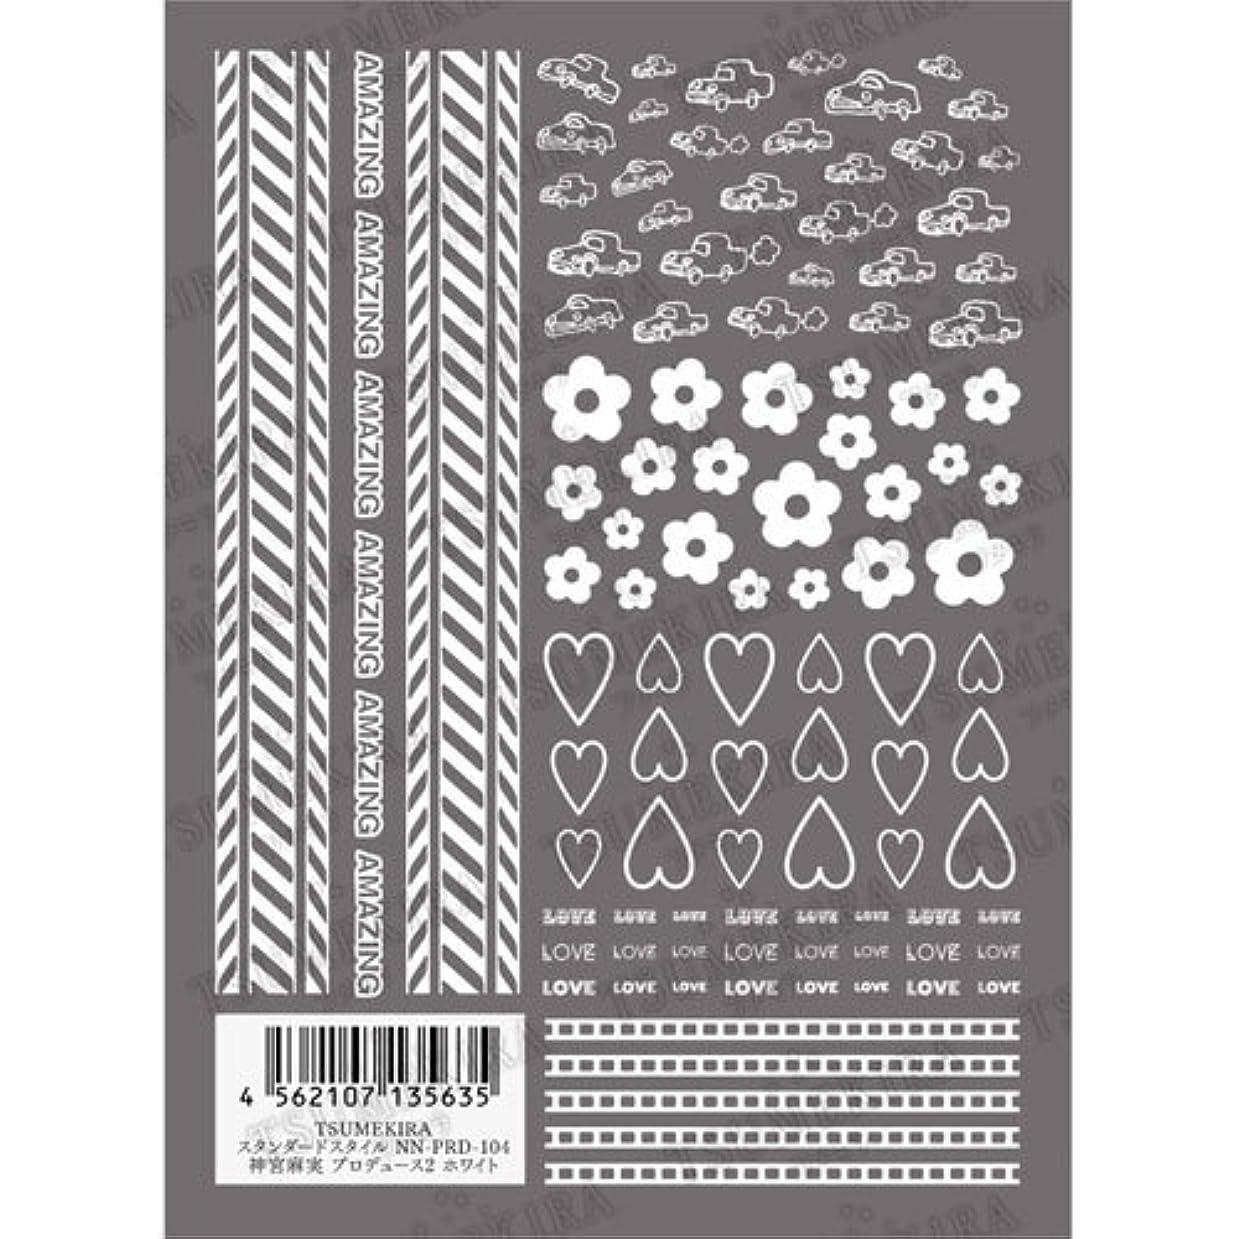 豚学習者電球ツメキラ ネイル用シール スタンダードスタイル 神宮麻美プロデュース2 ホワイト